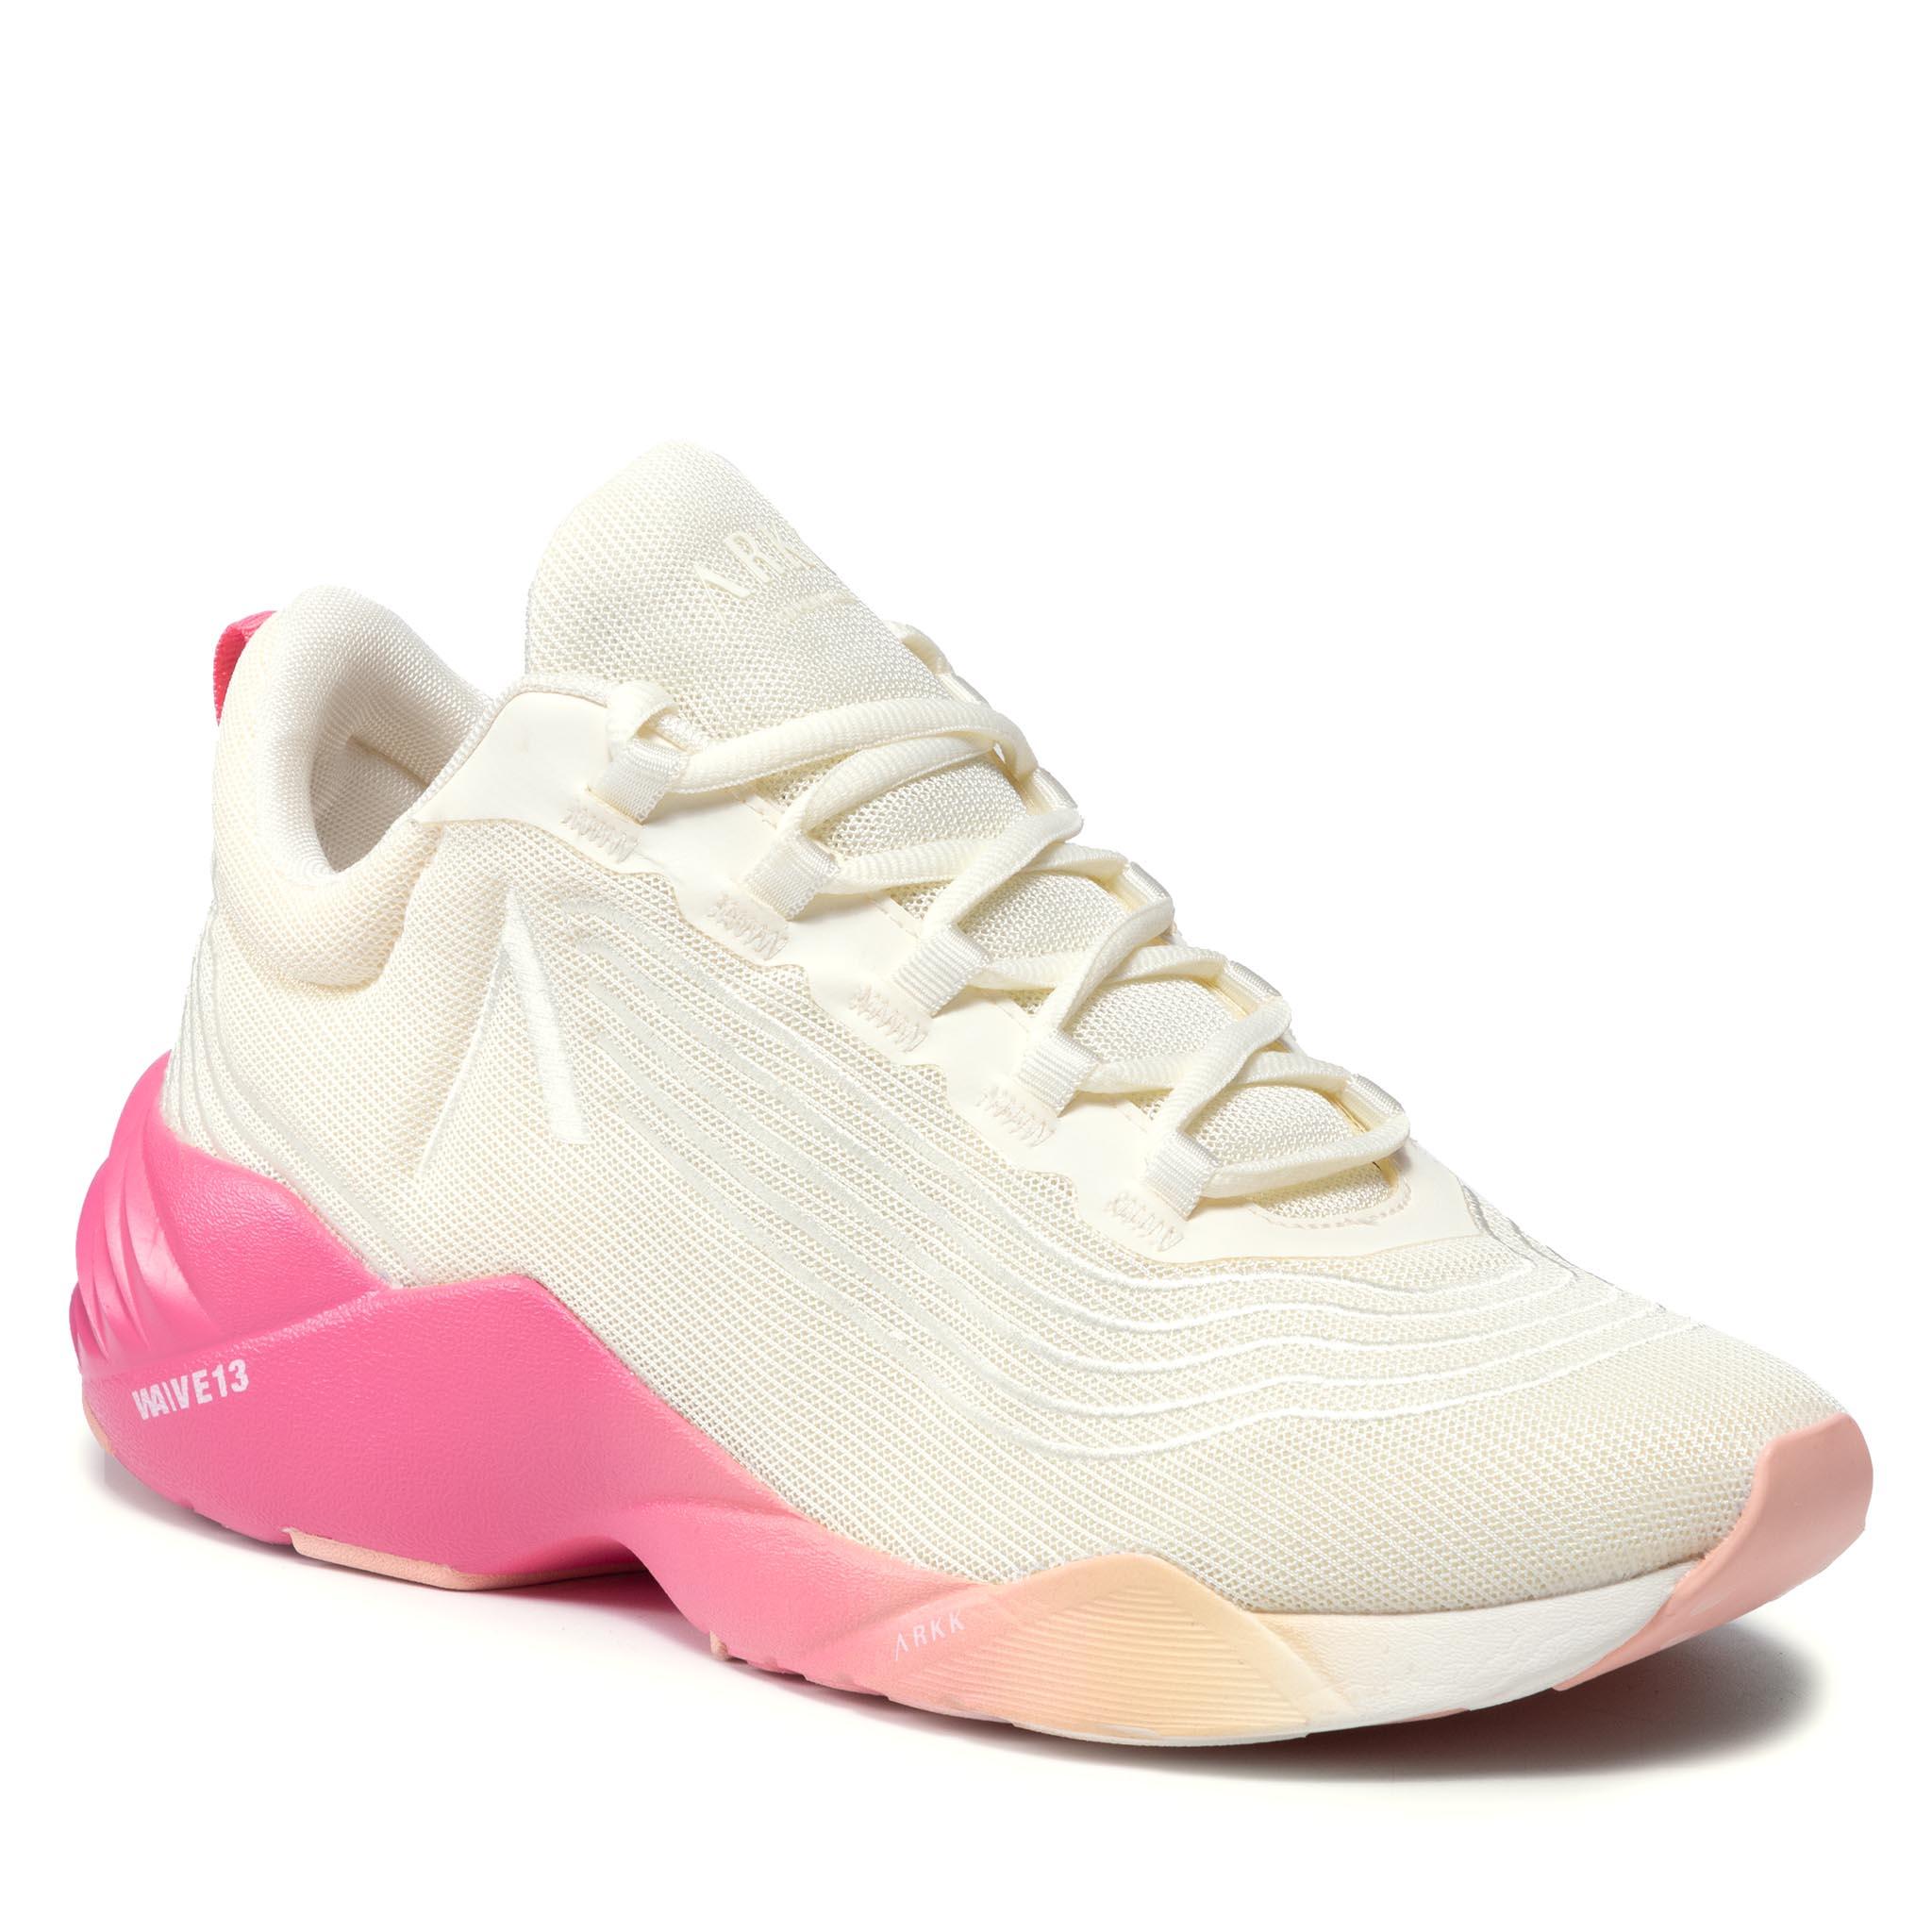 Image of Sneakers ARKK COPENHAGEN - Avory Mesh W13 CO4912-0178-M Marshmallow/Camellia/Rose